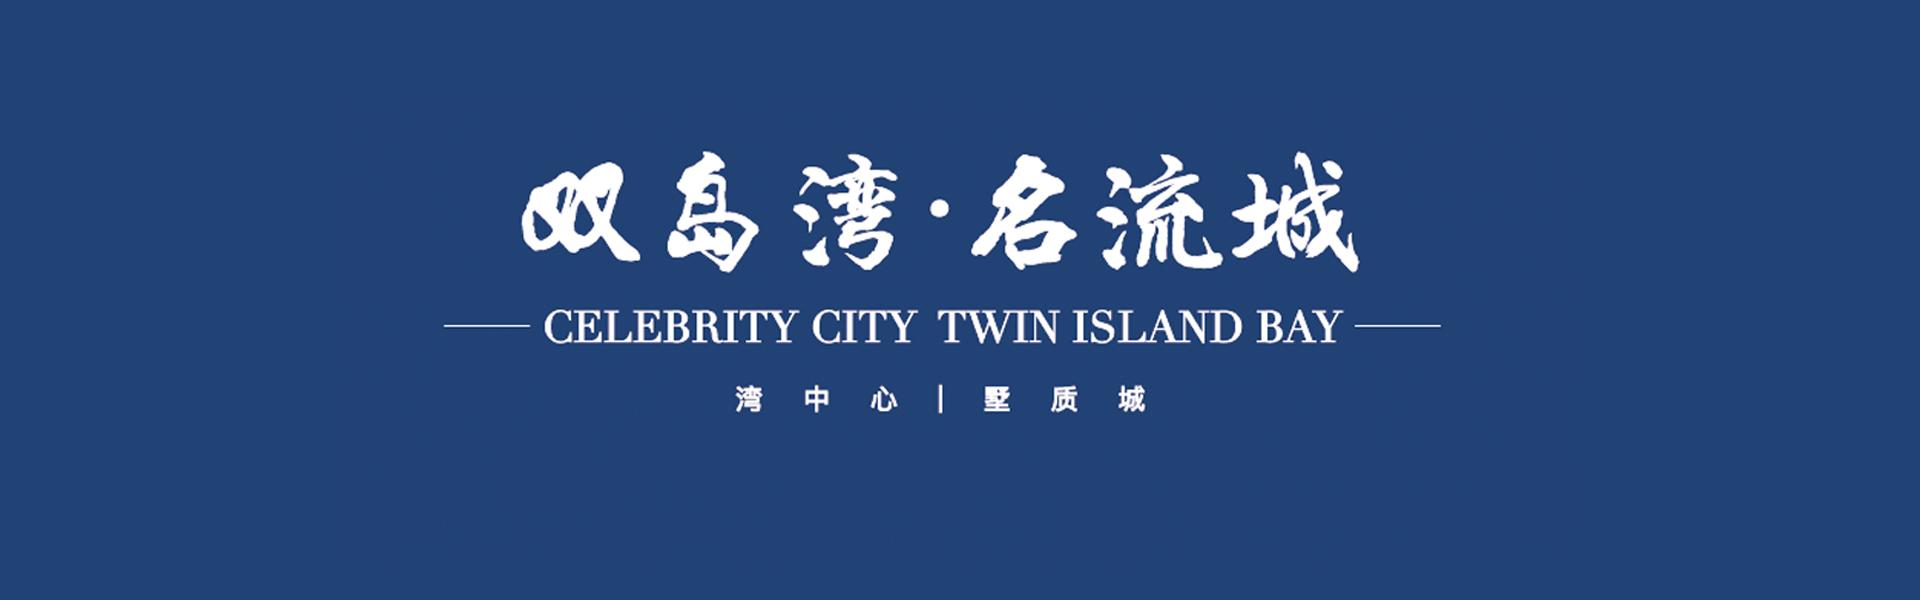 山东名流房地产开发有限公司开发的双岛湾名流城总占地1100亩,总建筑面积约120万平米。